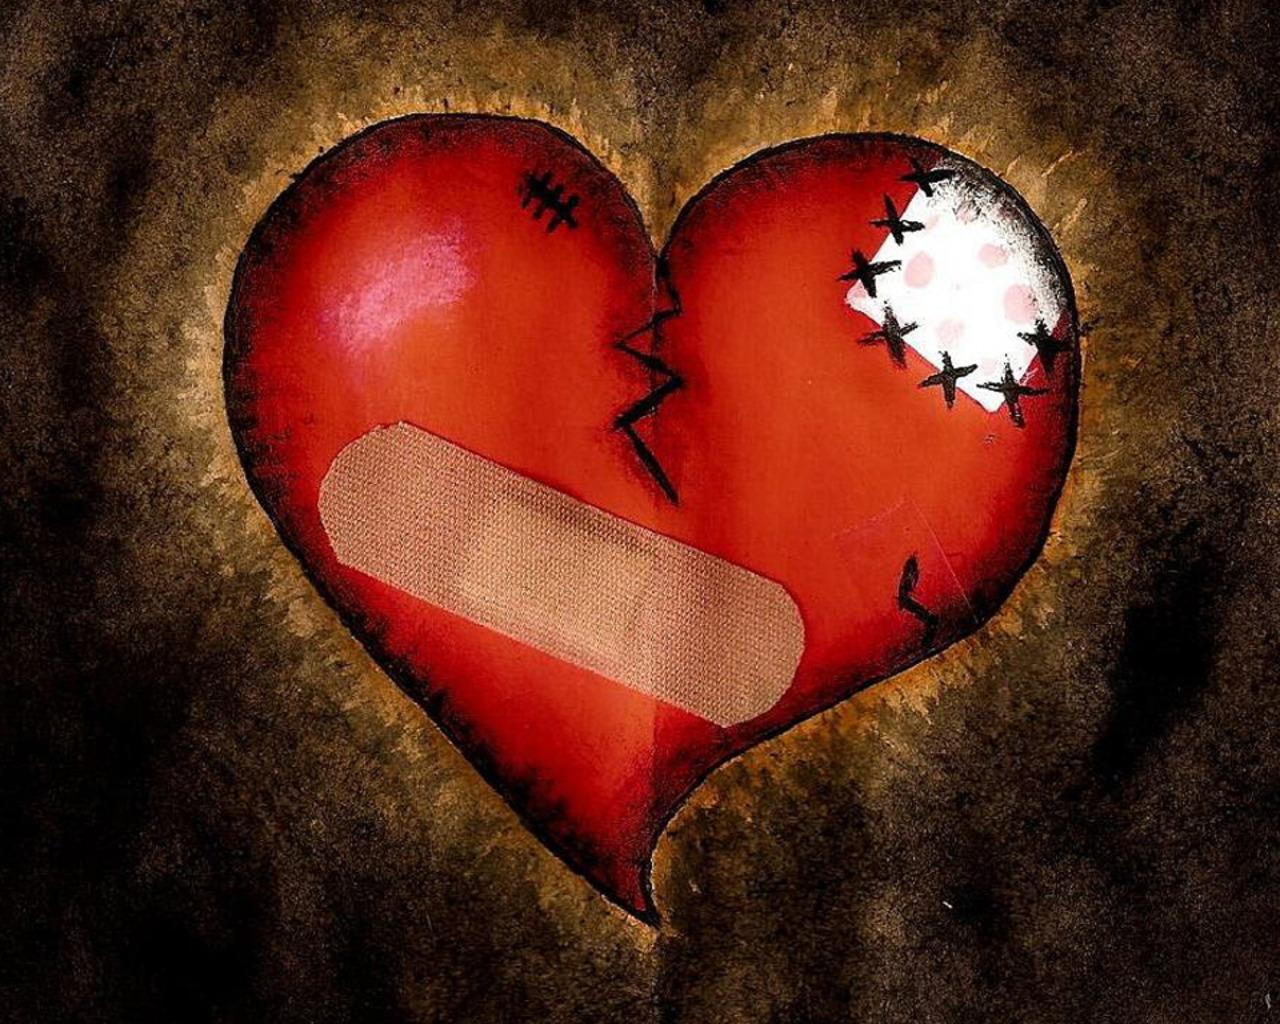 картинки грустные сердечки есть сведения